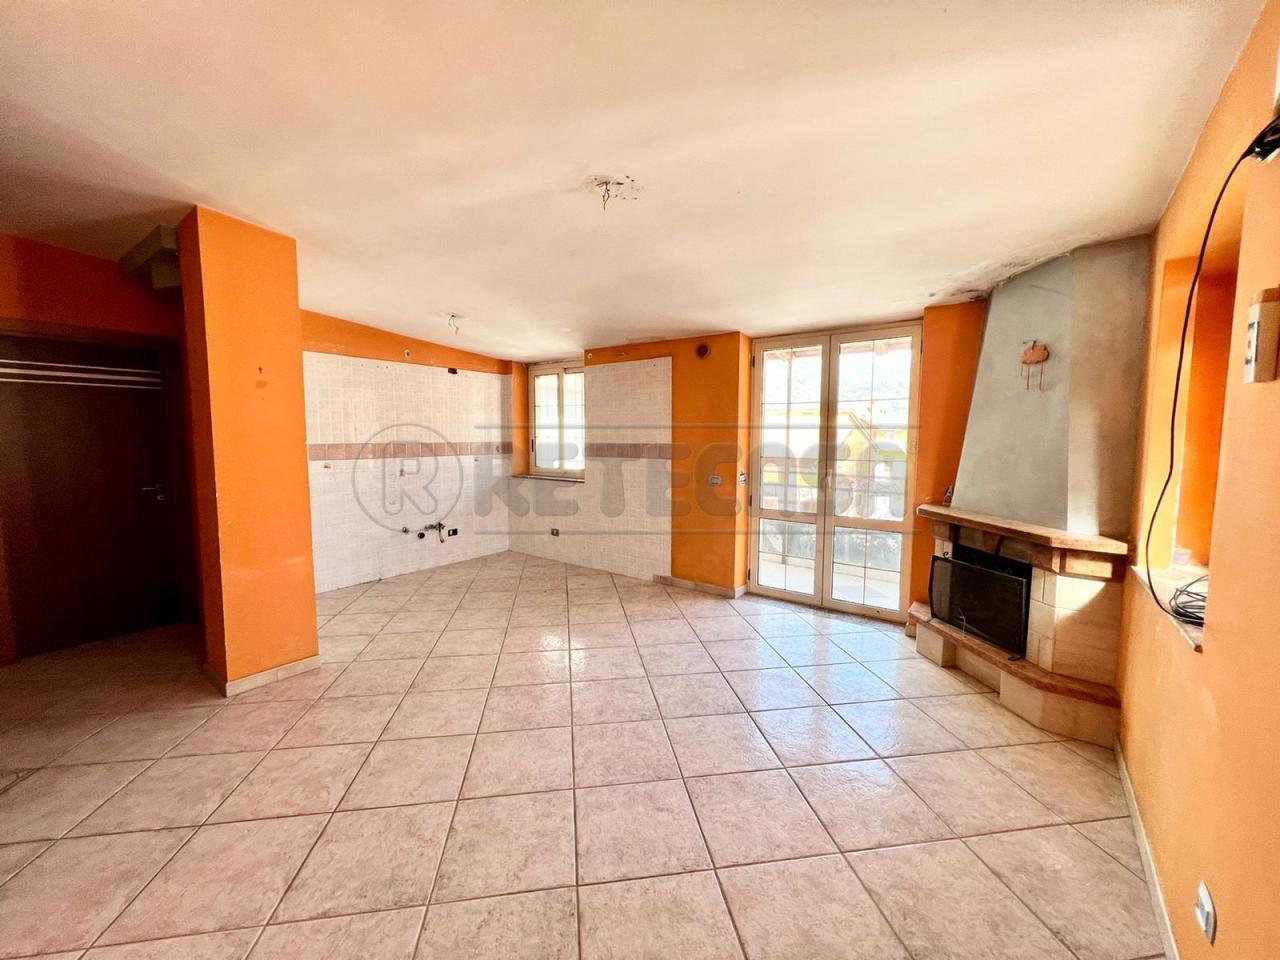 Appartamento in vendita a Castel San Giorgio, 3 locali, prezzo € 99.000 | CambioCasa.it